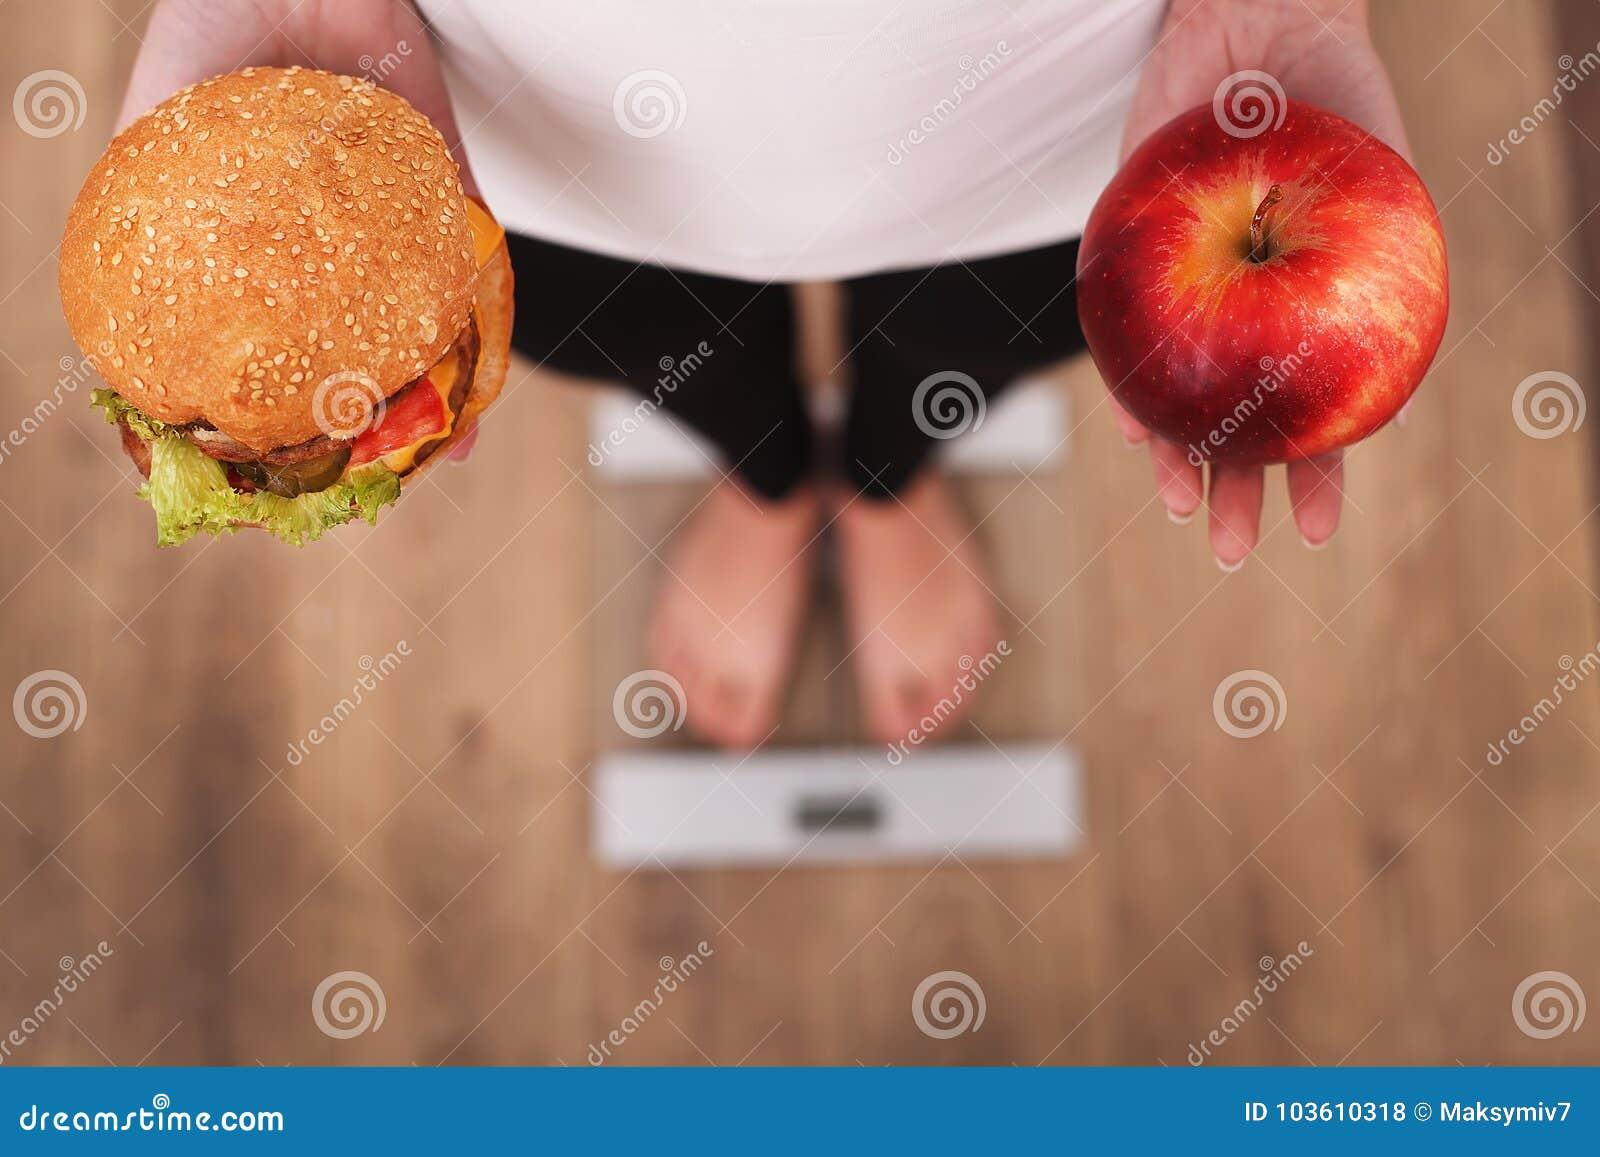 perdre du poids aide d hamburger